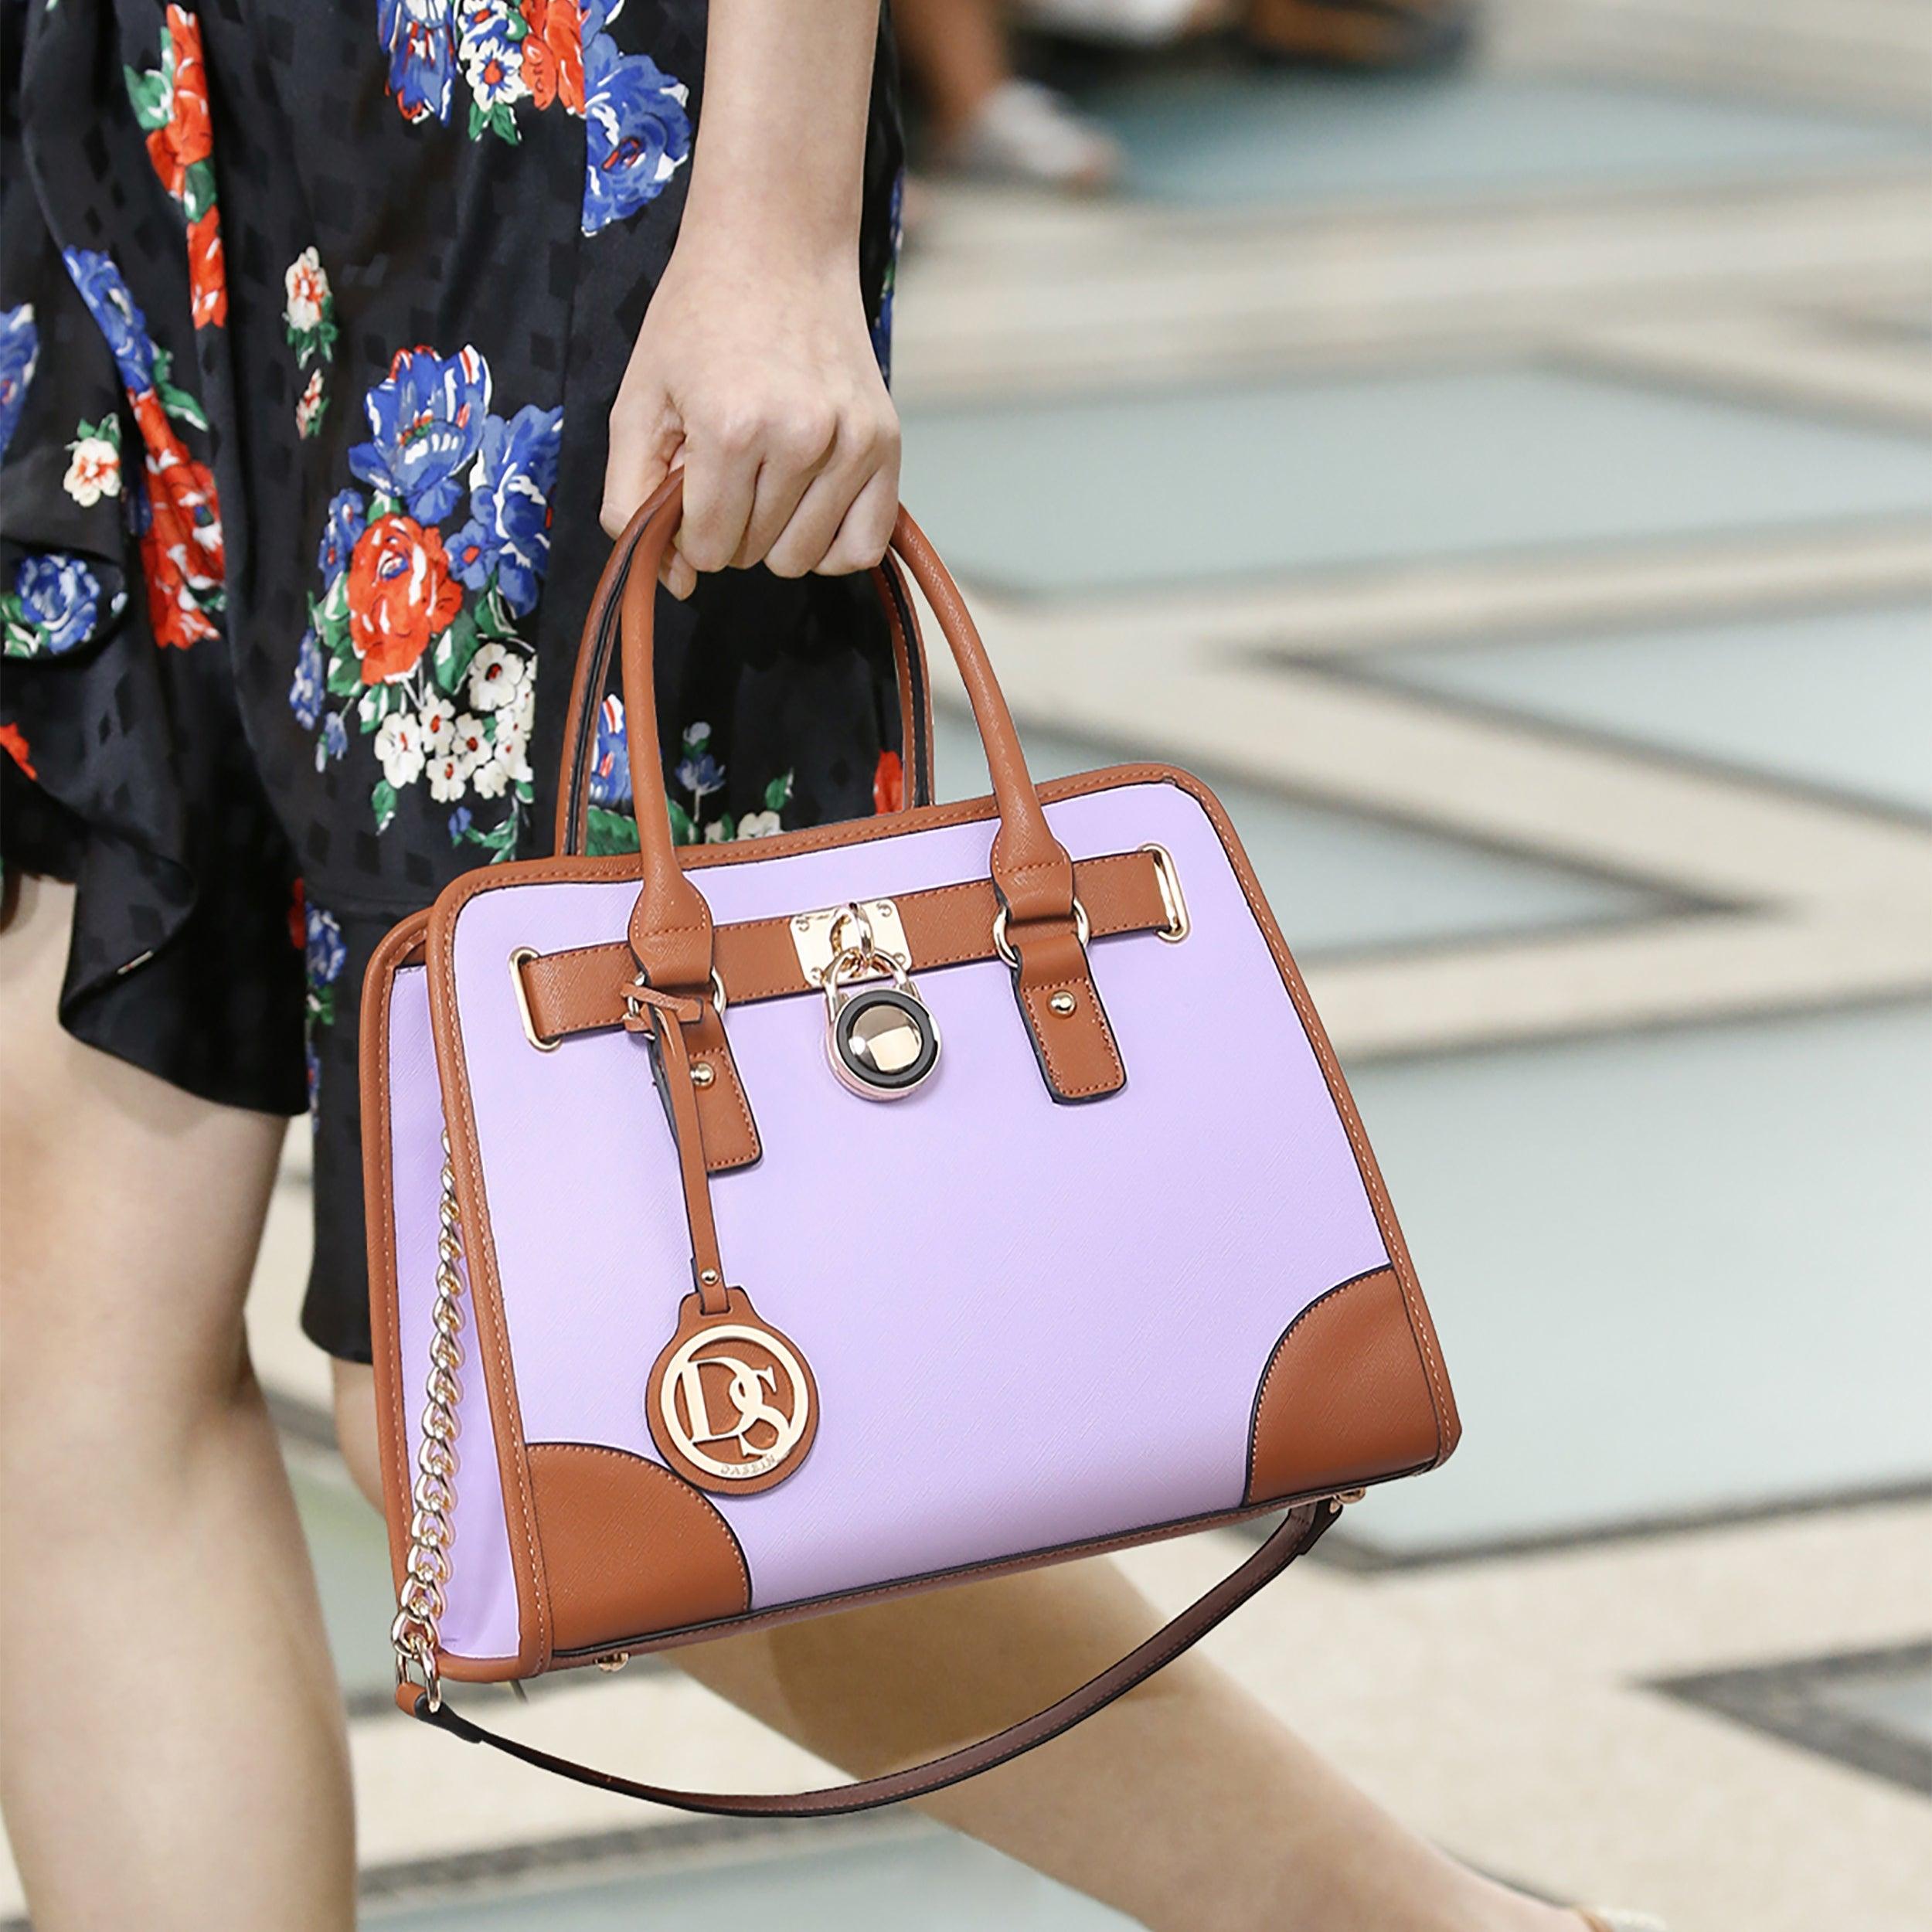 2PCS Purse Shoulder Tote Bag Handbag Messenger Leather Satchel Women Ladies Bags